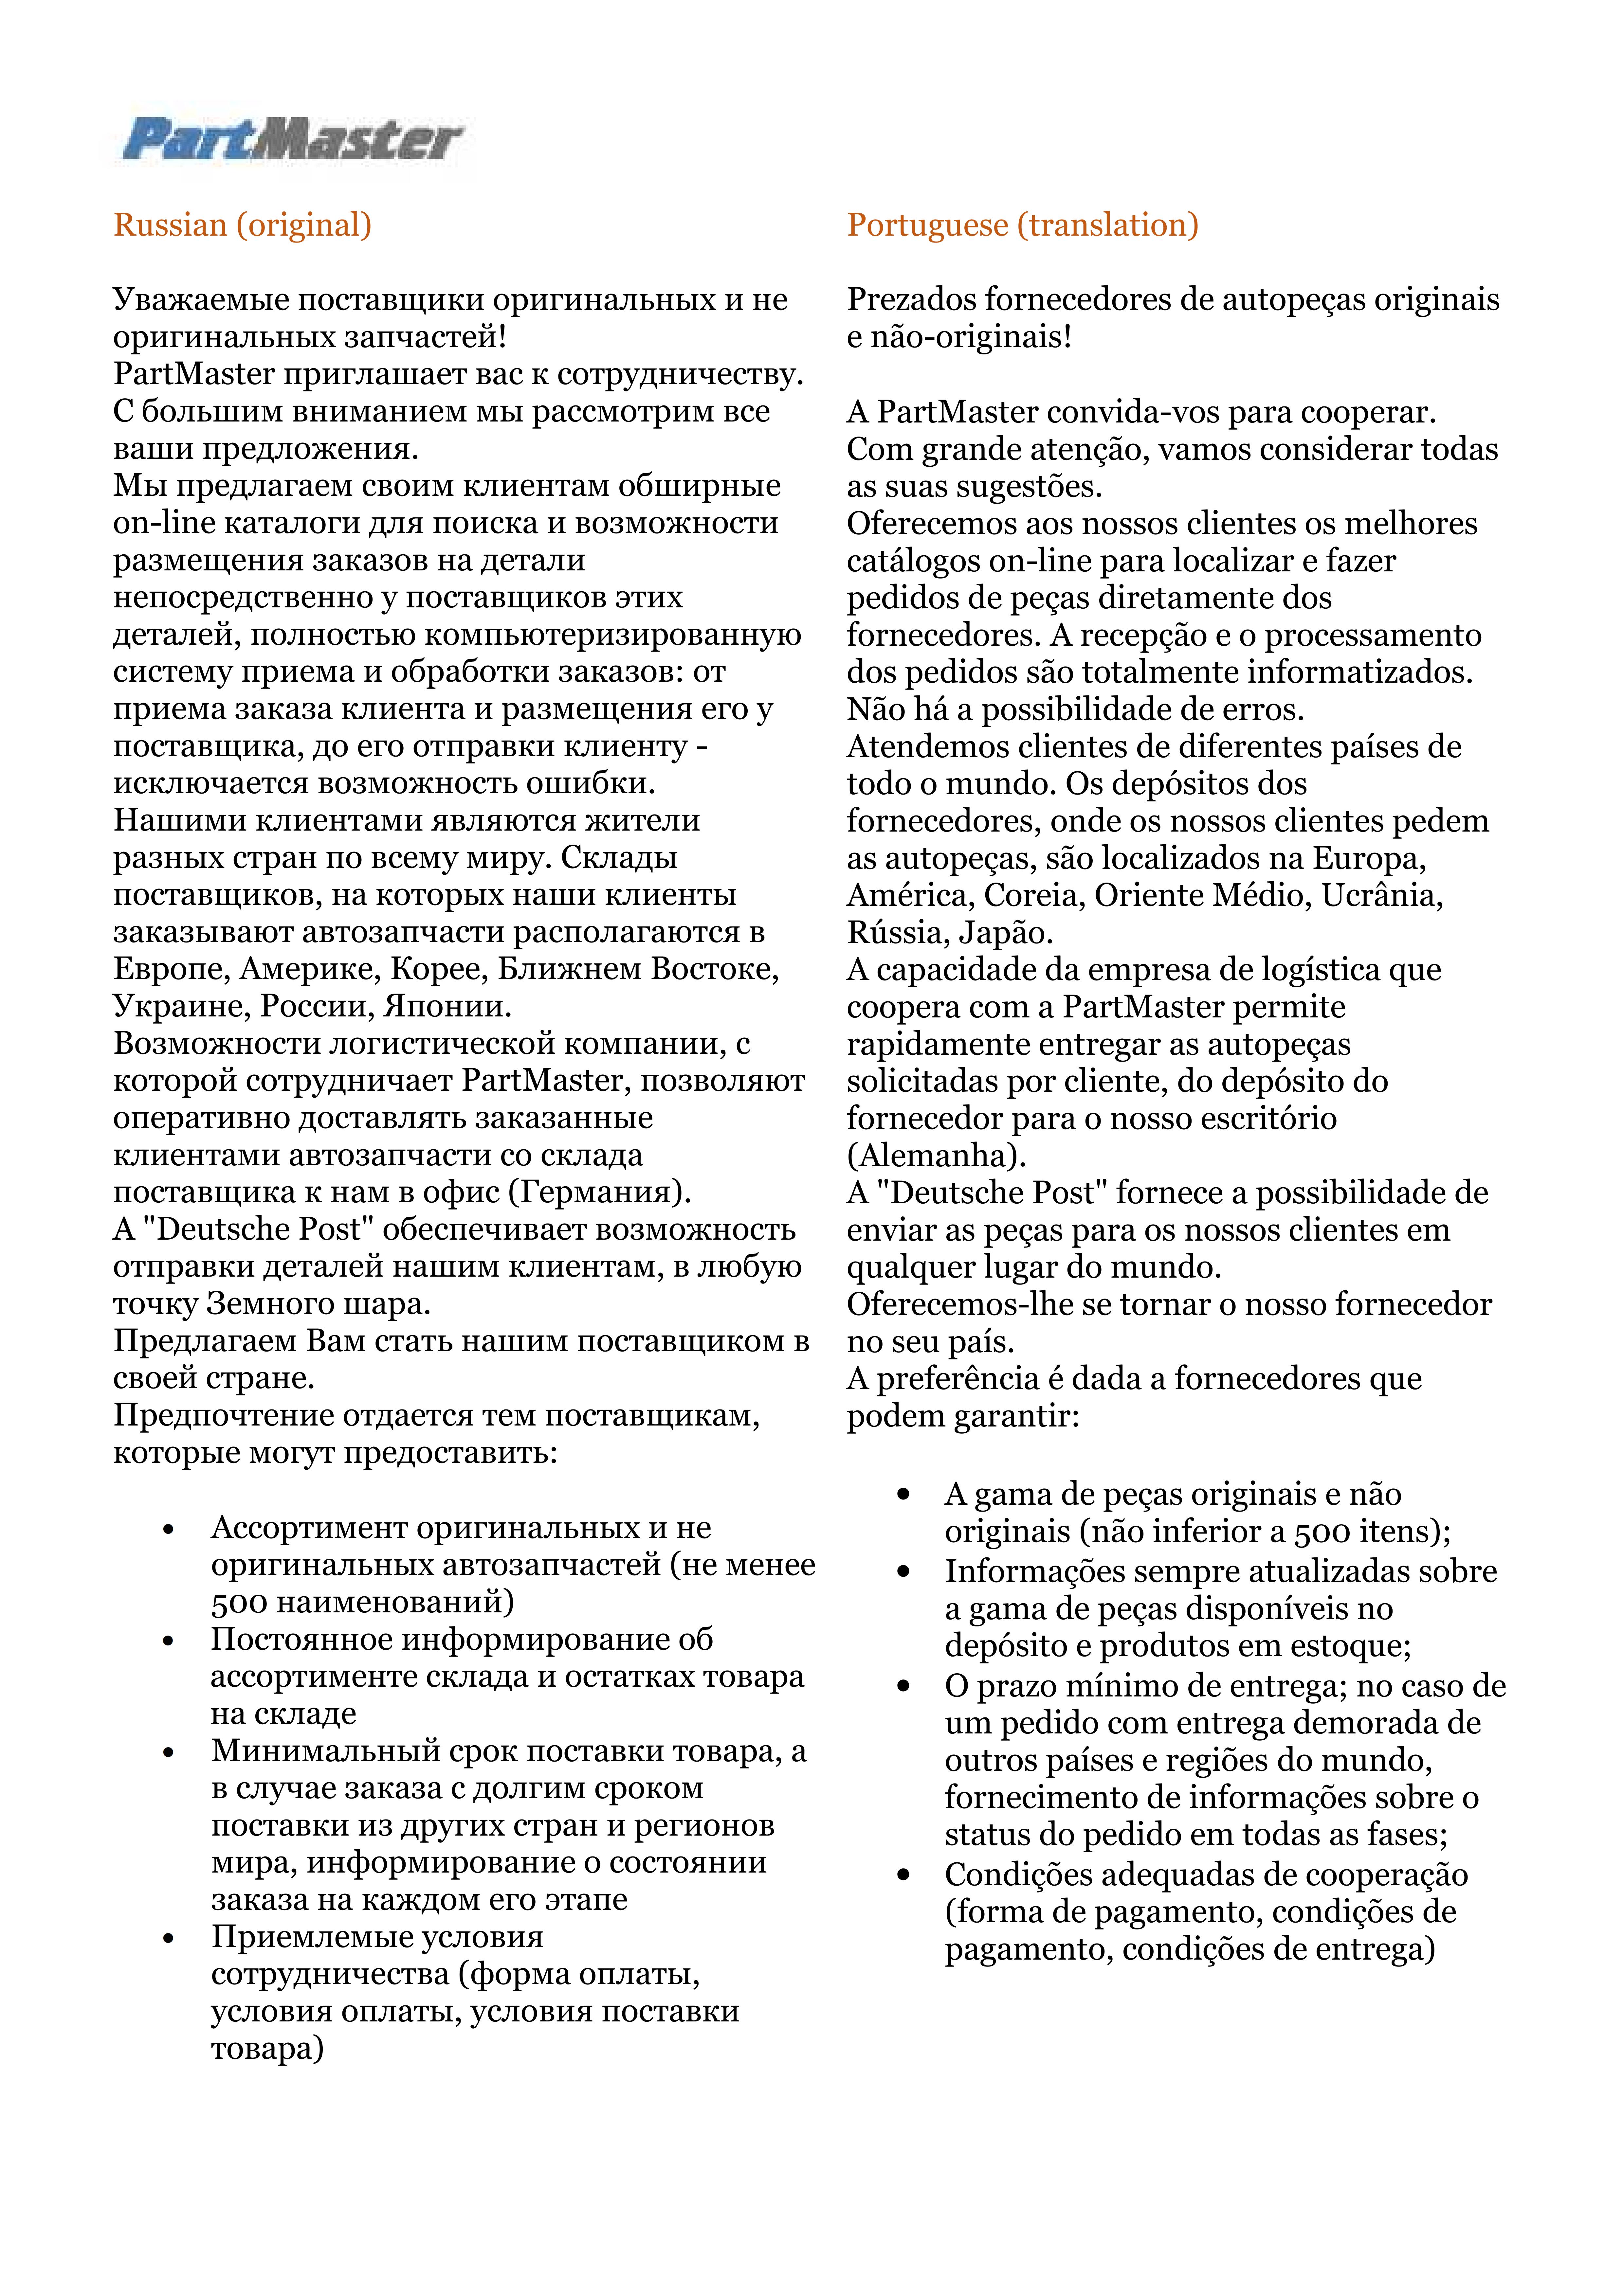 Португальский: перевод с русского, запчасти